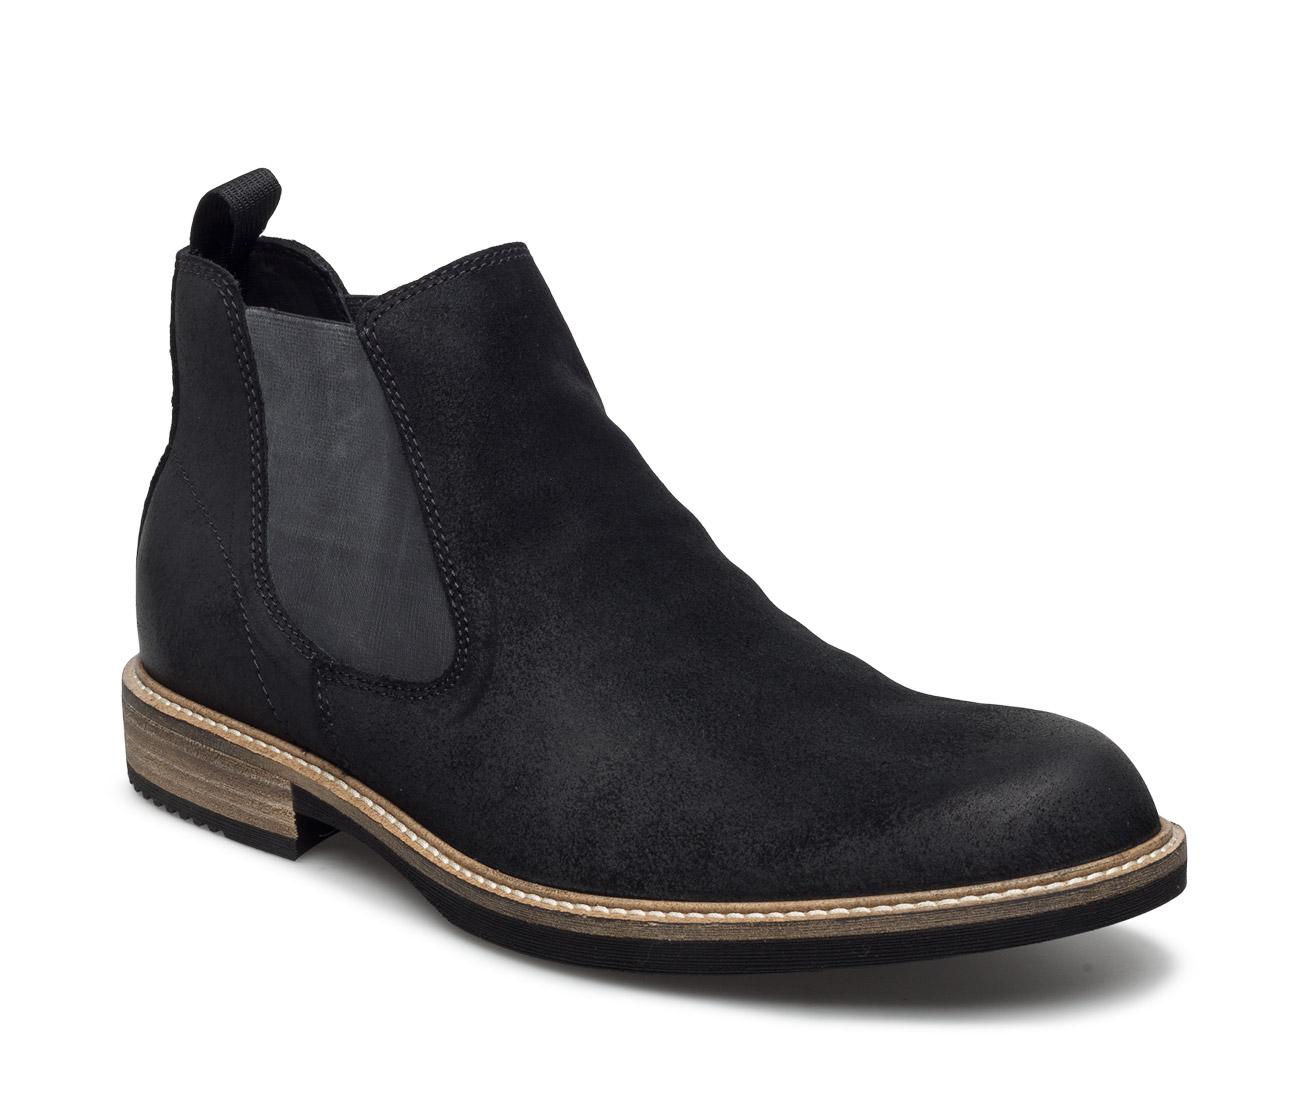 Low Shoes|Lace-up shoe Kenton